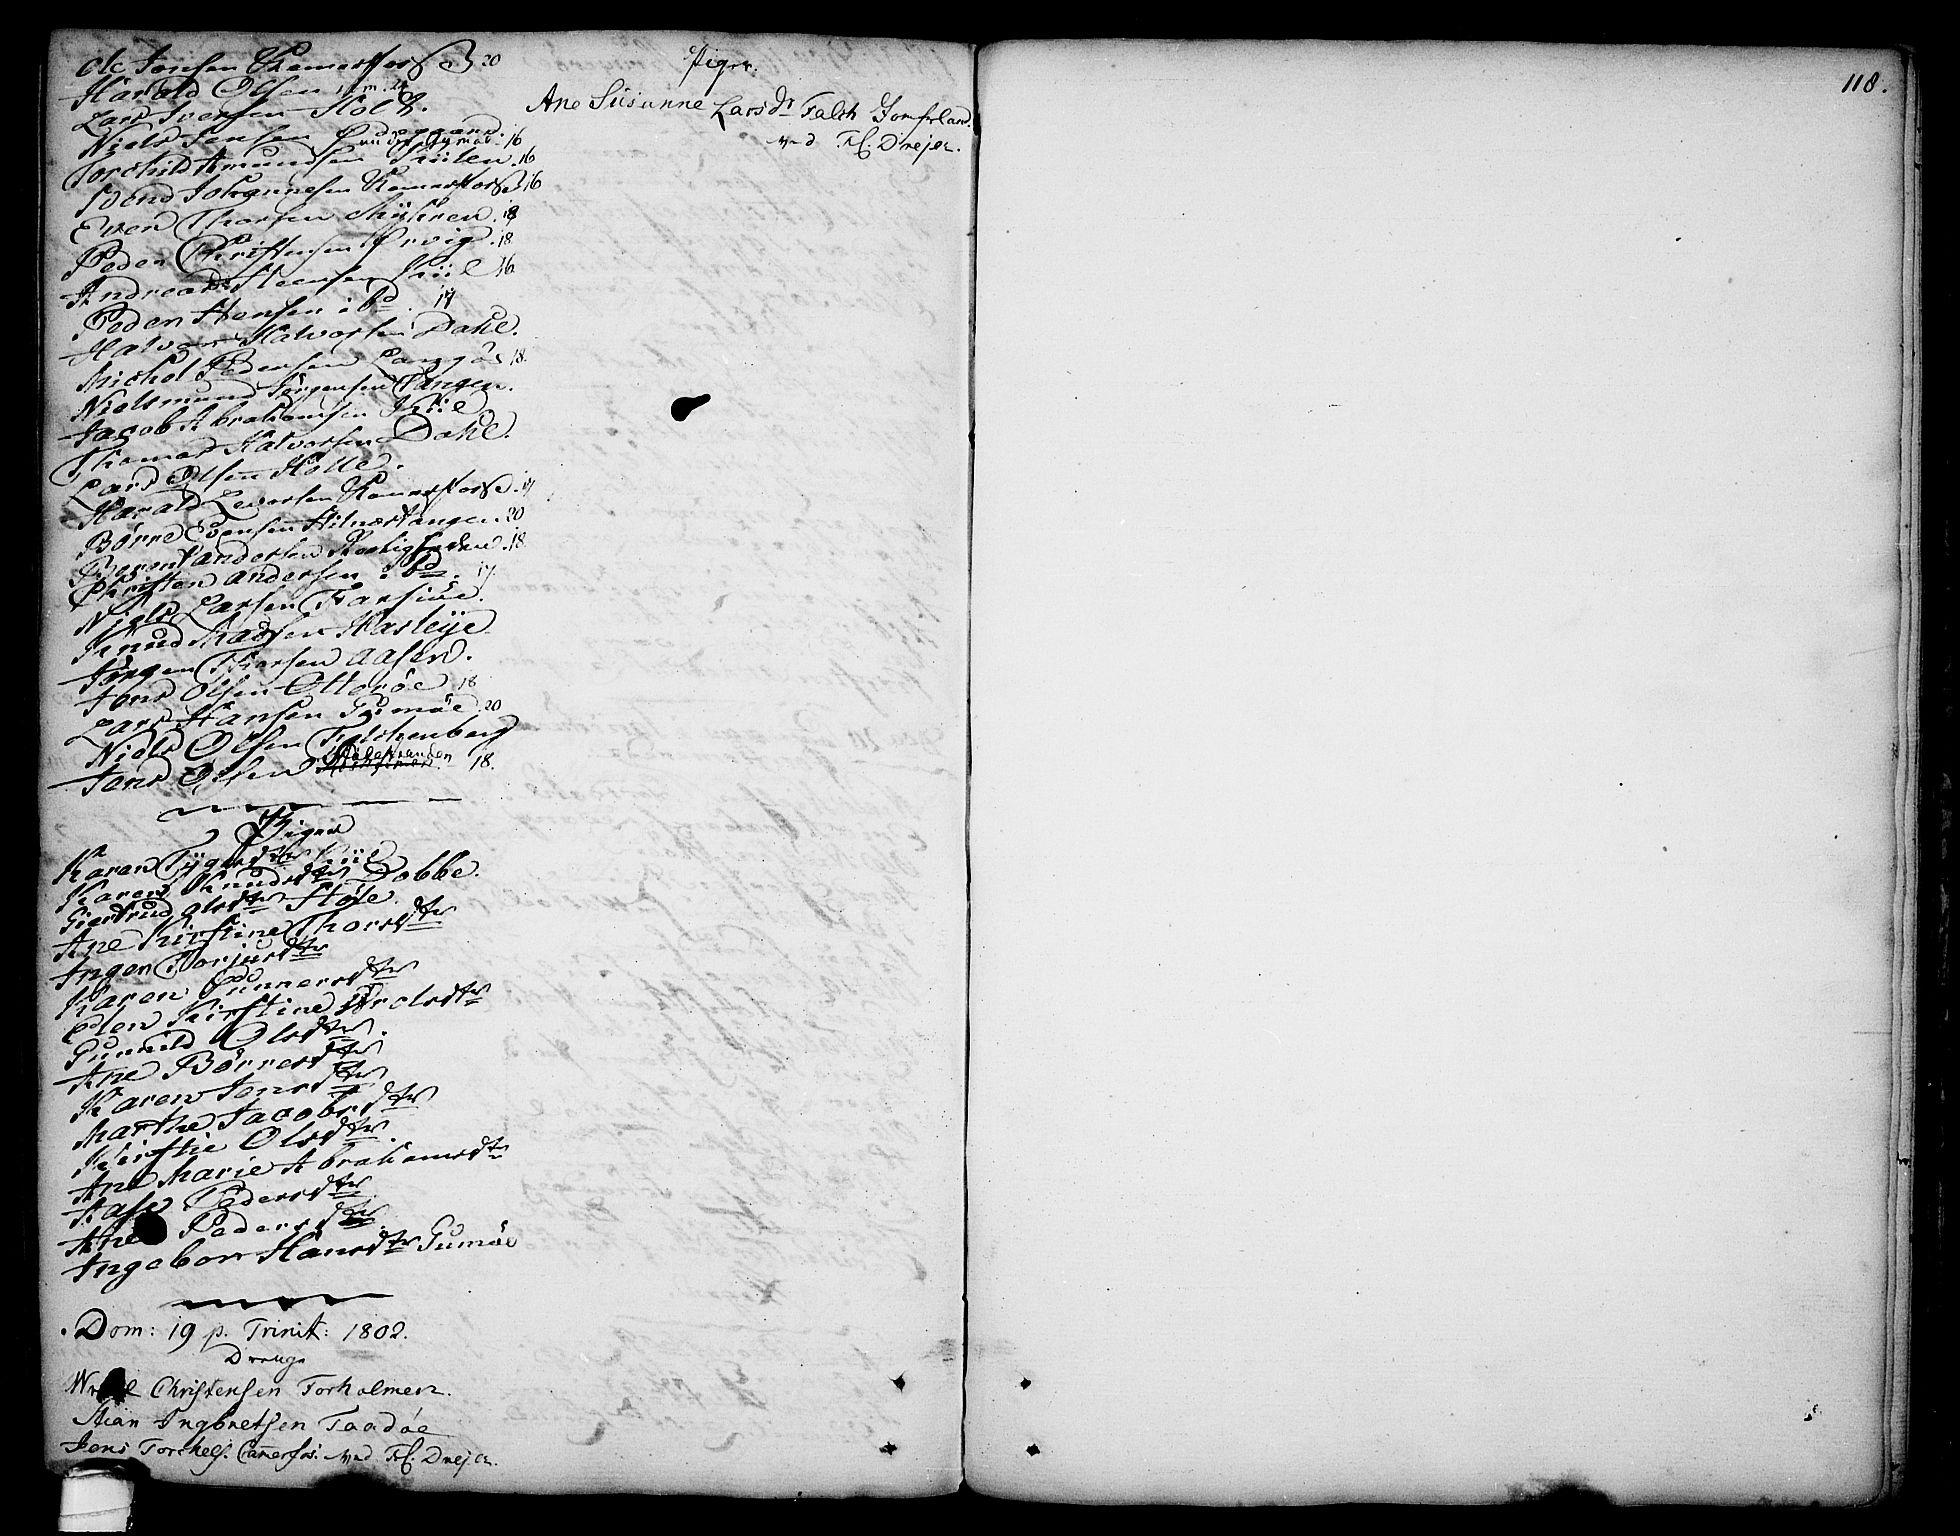 SAKO, Sannidal kirkebøker, F/Fa/L0002: Ministerialbok nr. 2, 1767-1802, s. 118